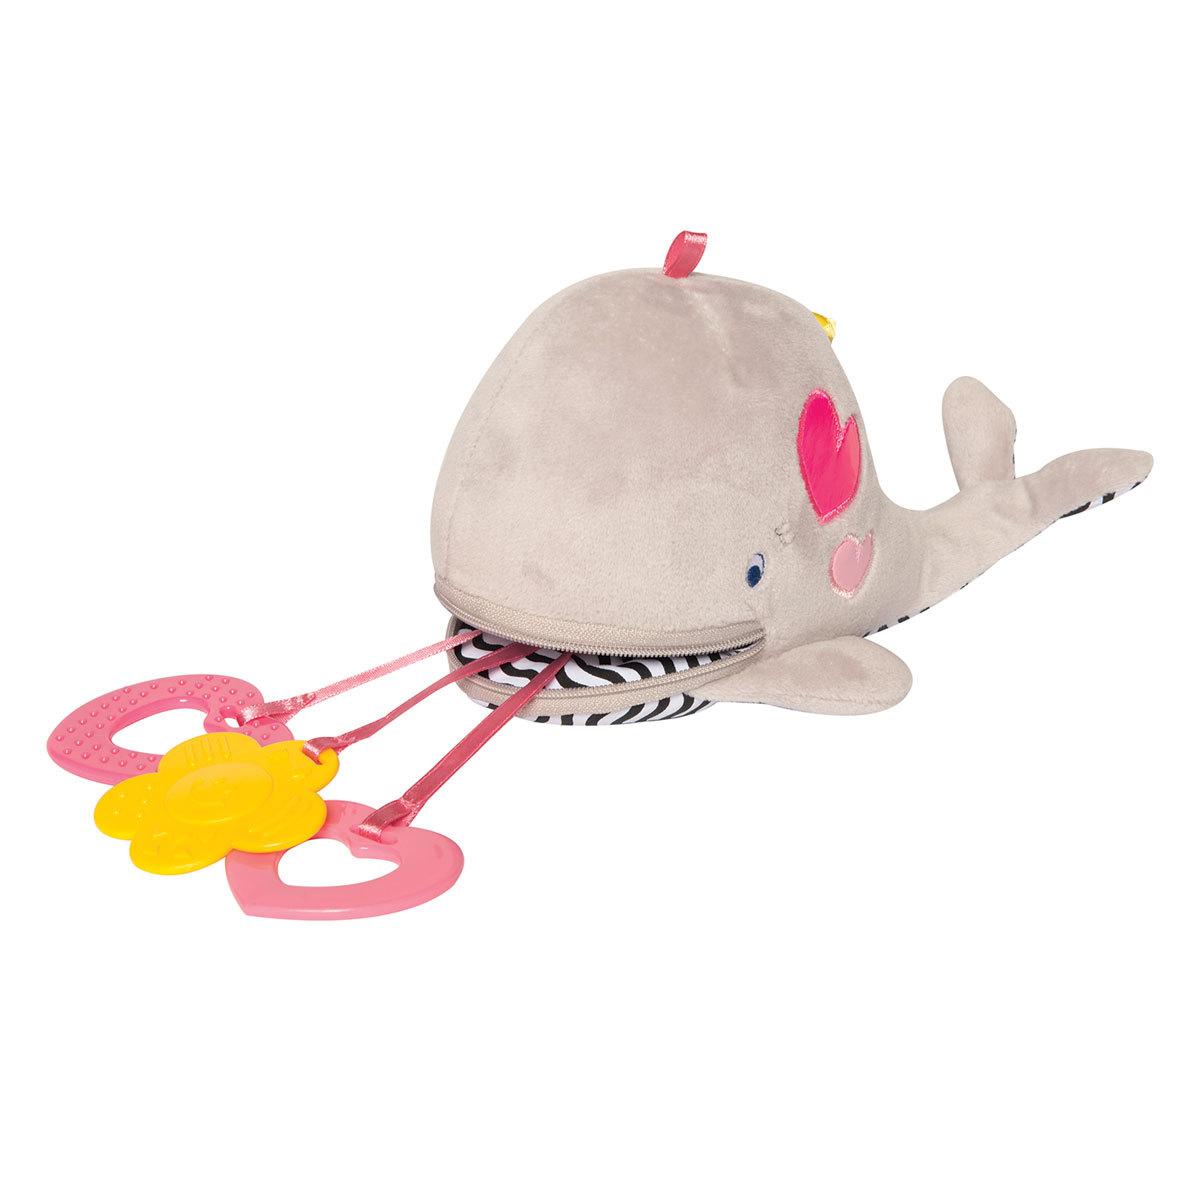 Arche Zip & Play - Winnie la Baleine Zip & Play - Winnie la Baleine